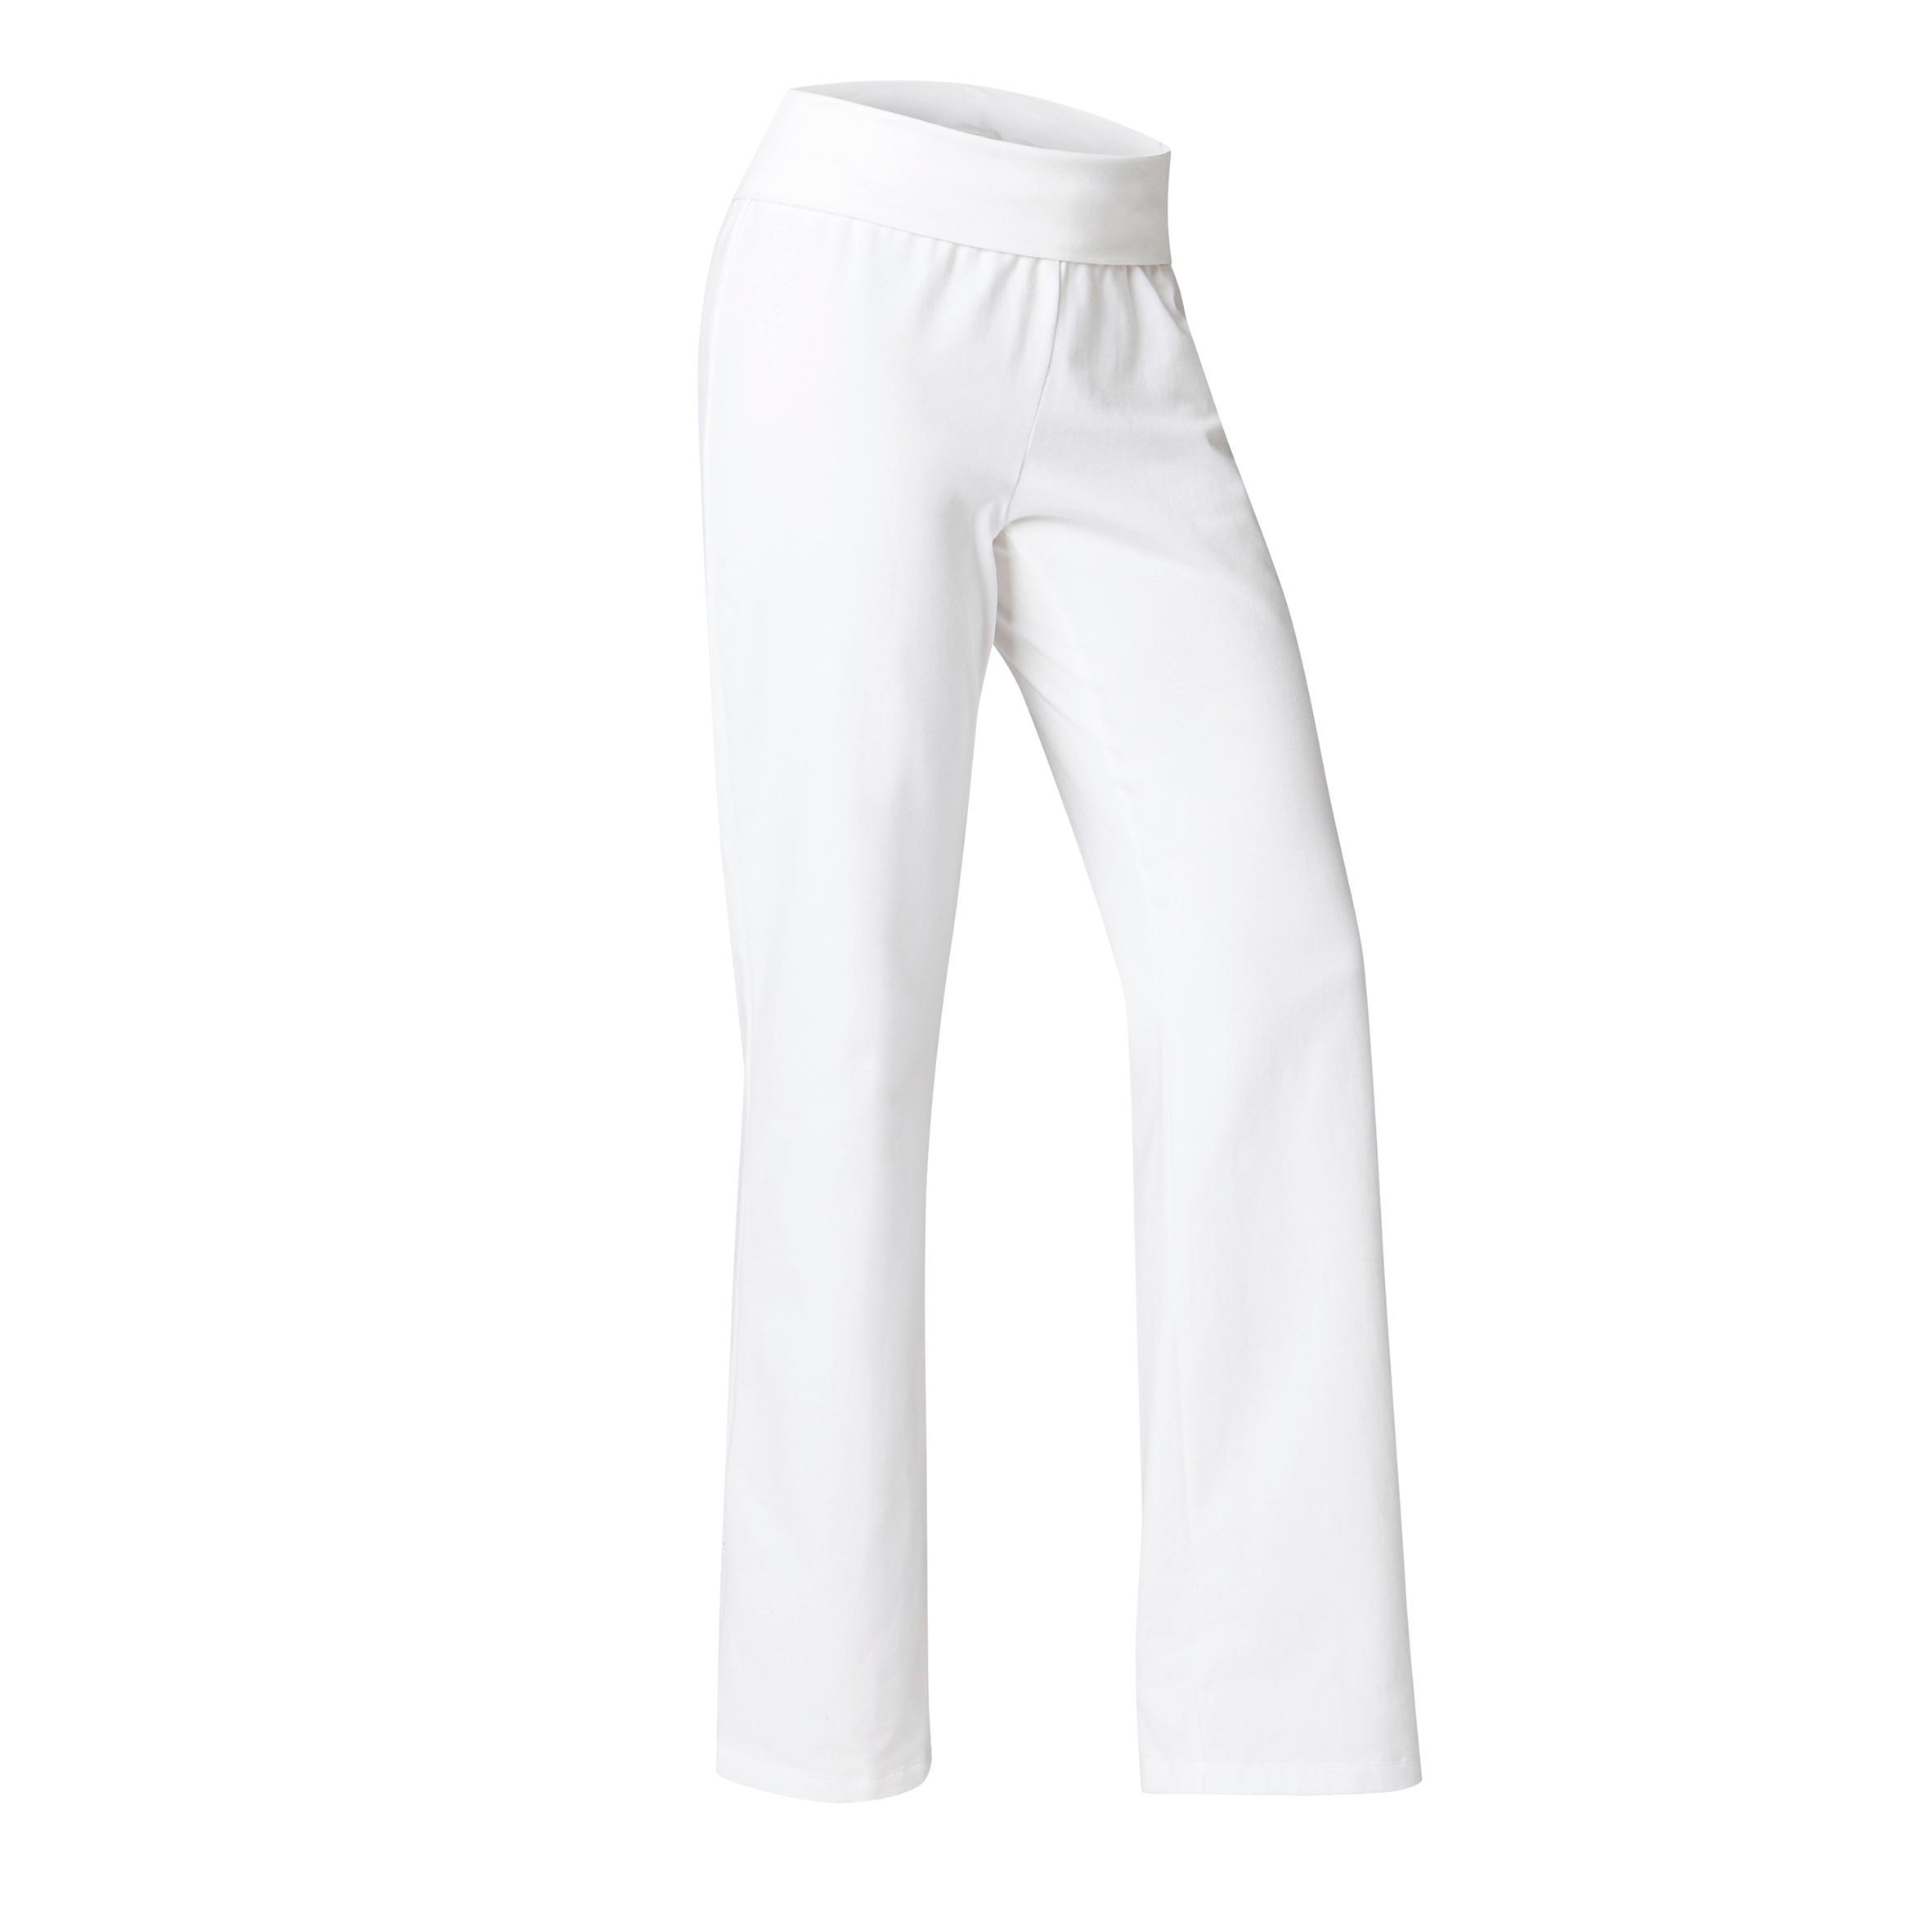 Pantalon Yoga Uşoară Damă imagine